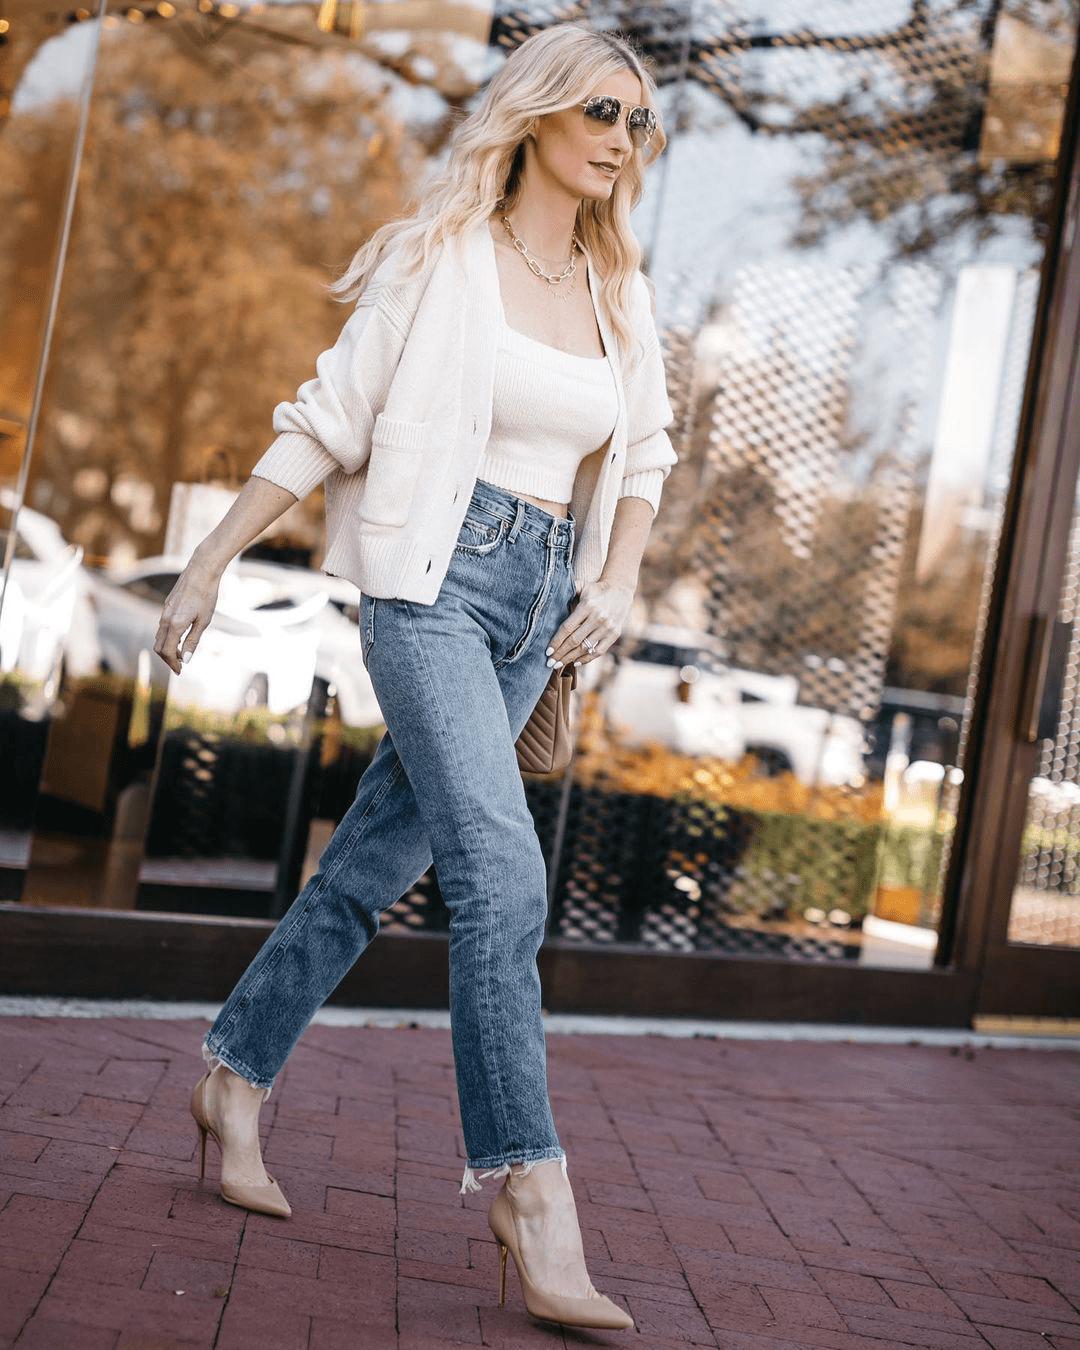 Идеально сидящие джинсы